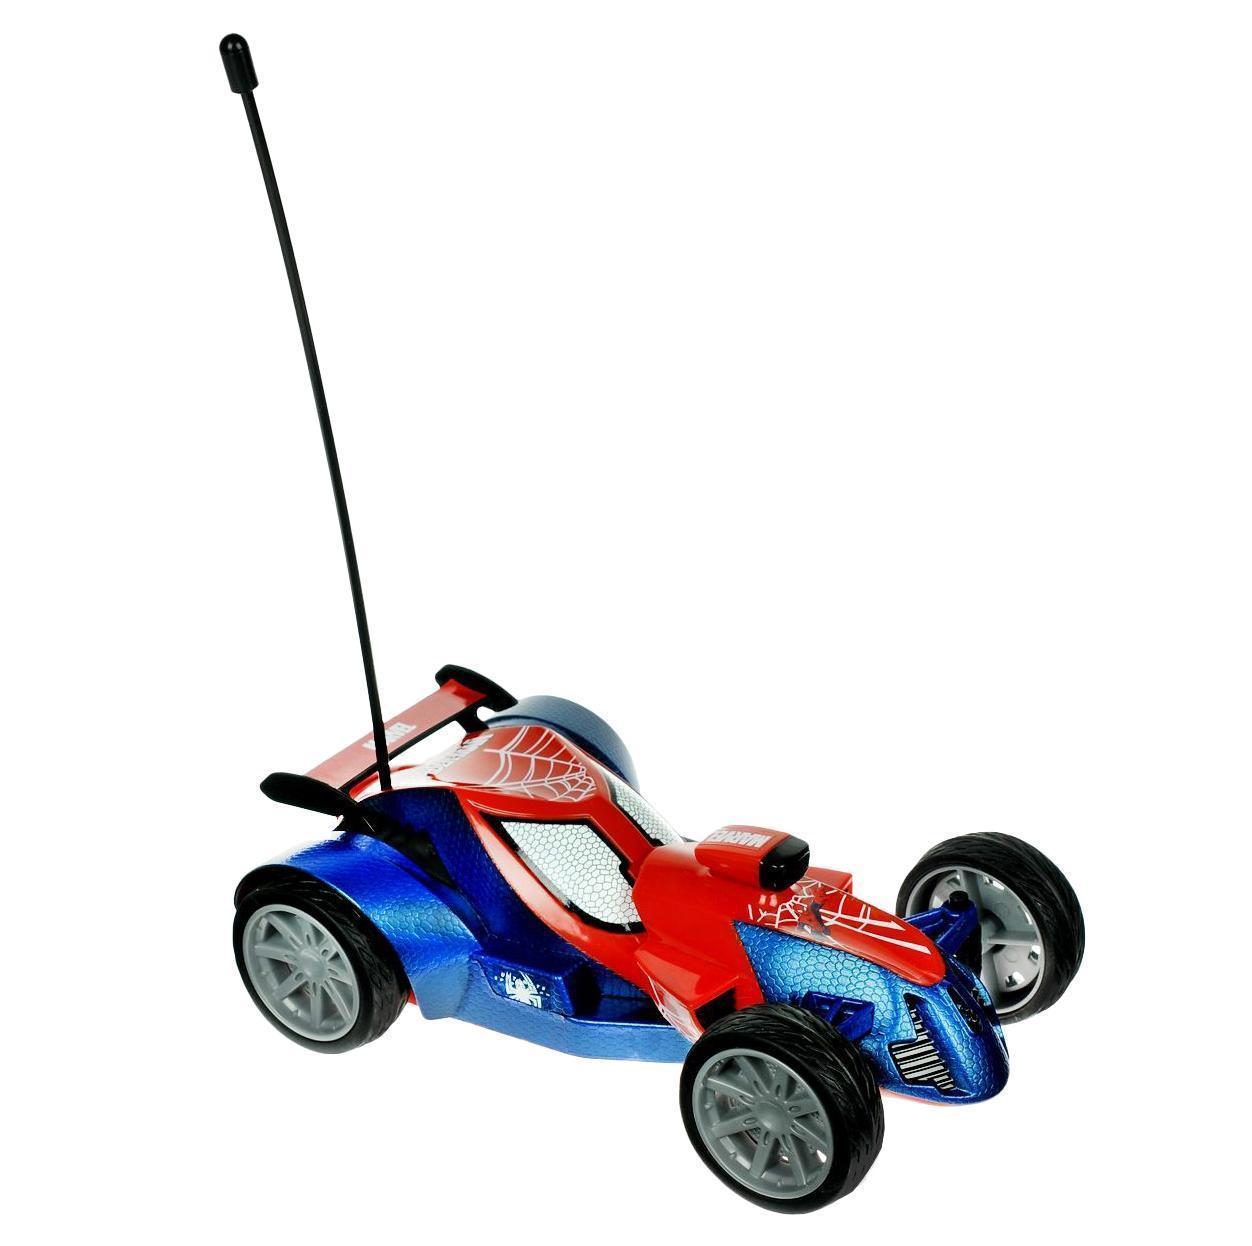 Синий трактор - BlueTractorTV - Экскаватор №91828304.